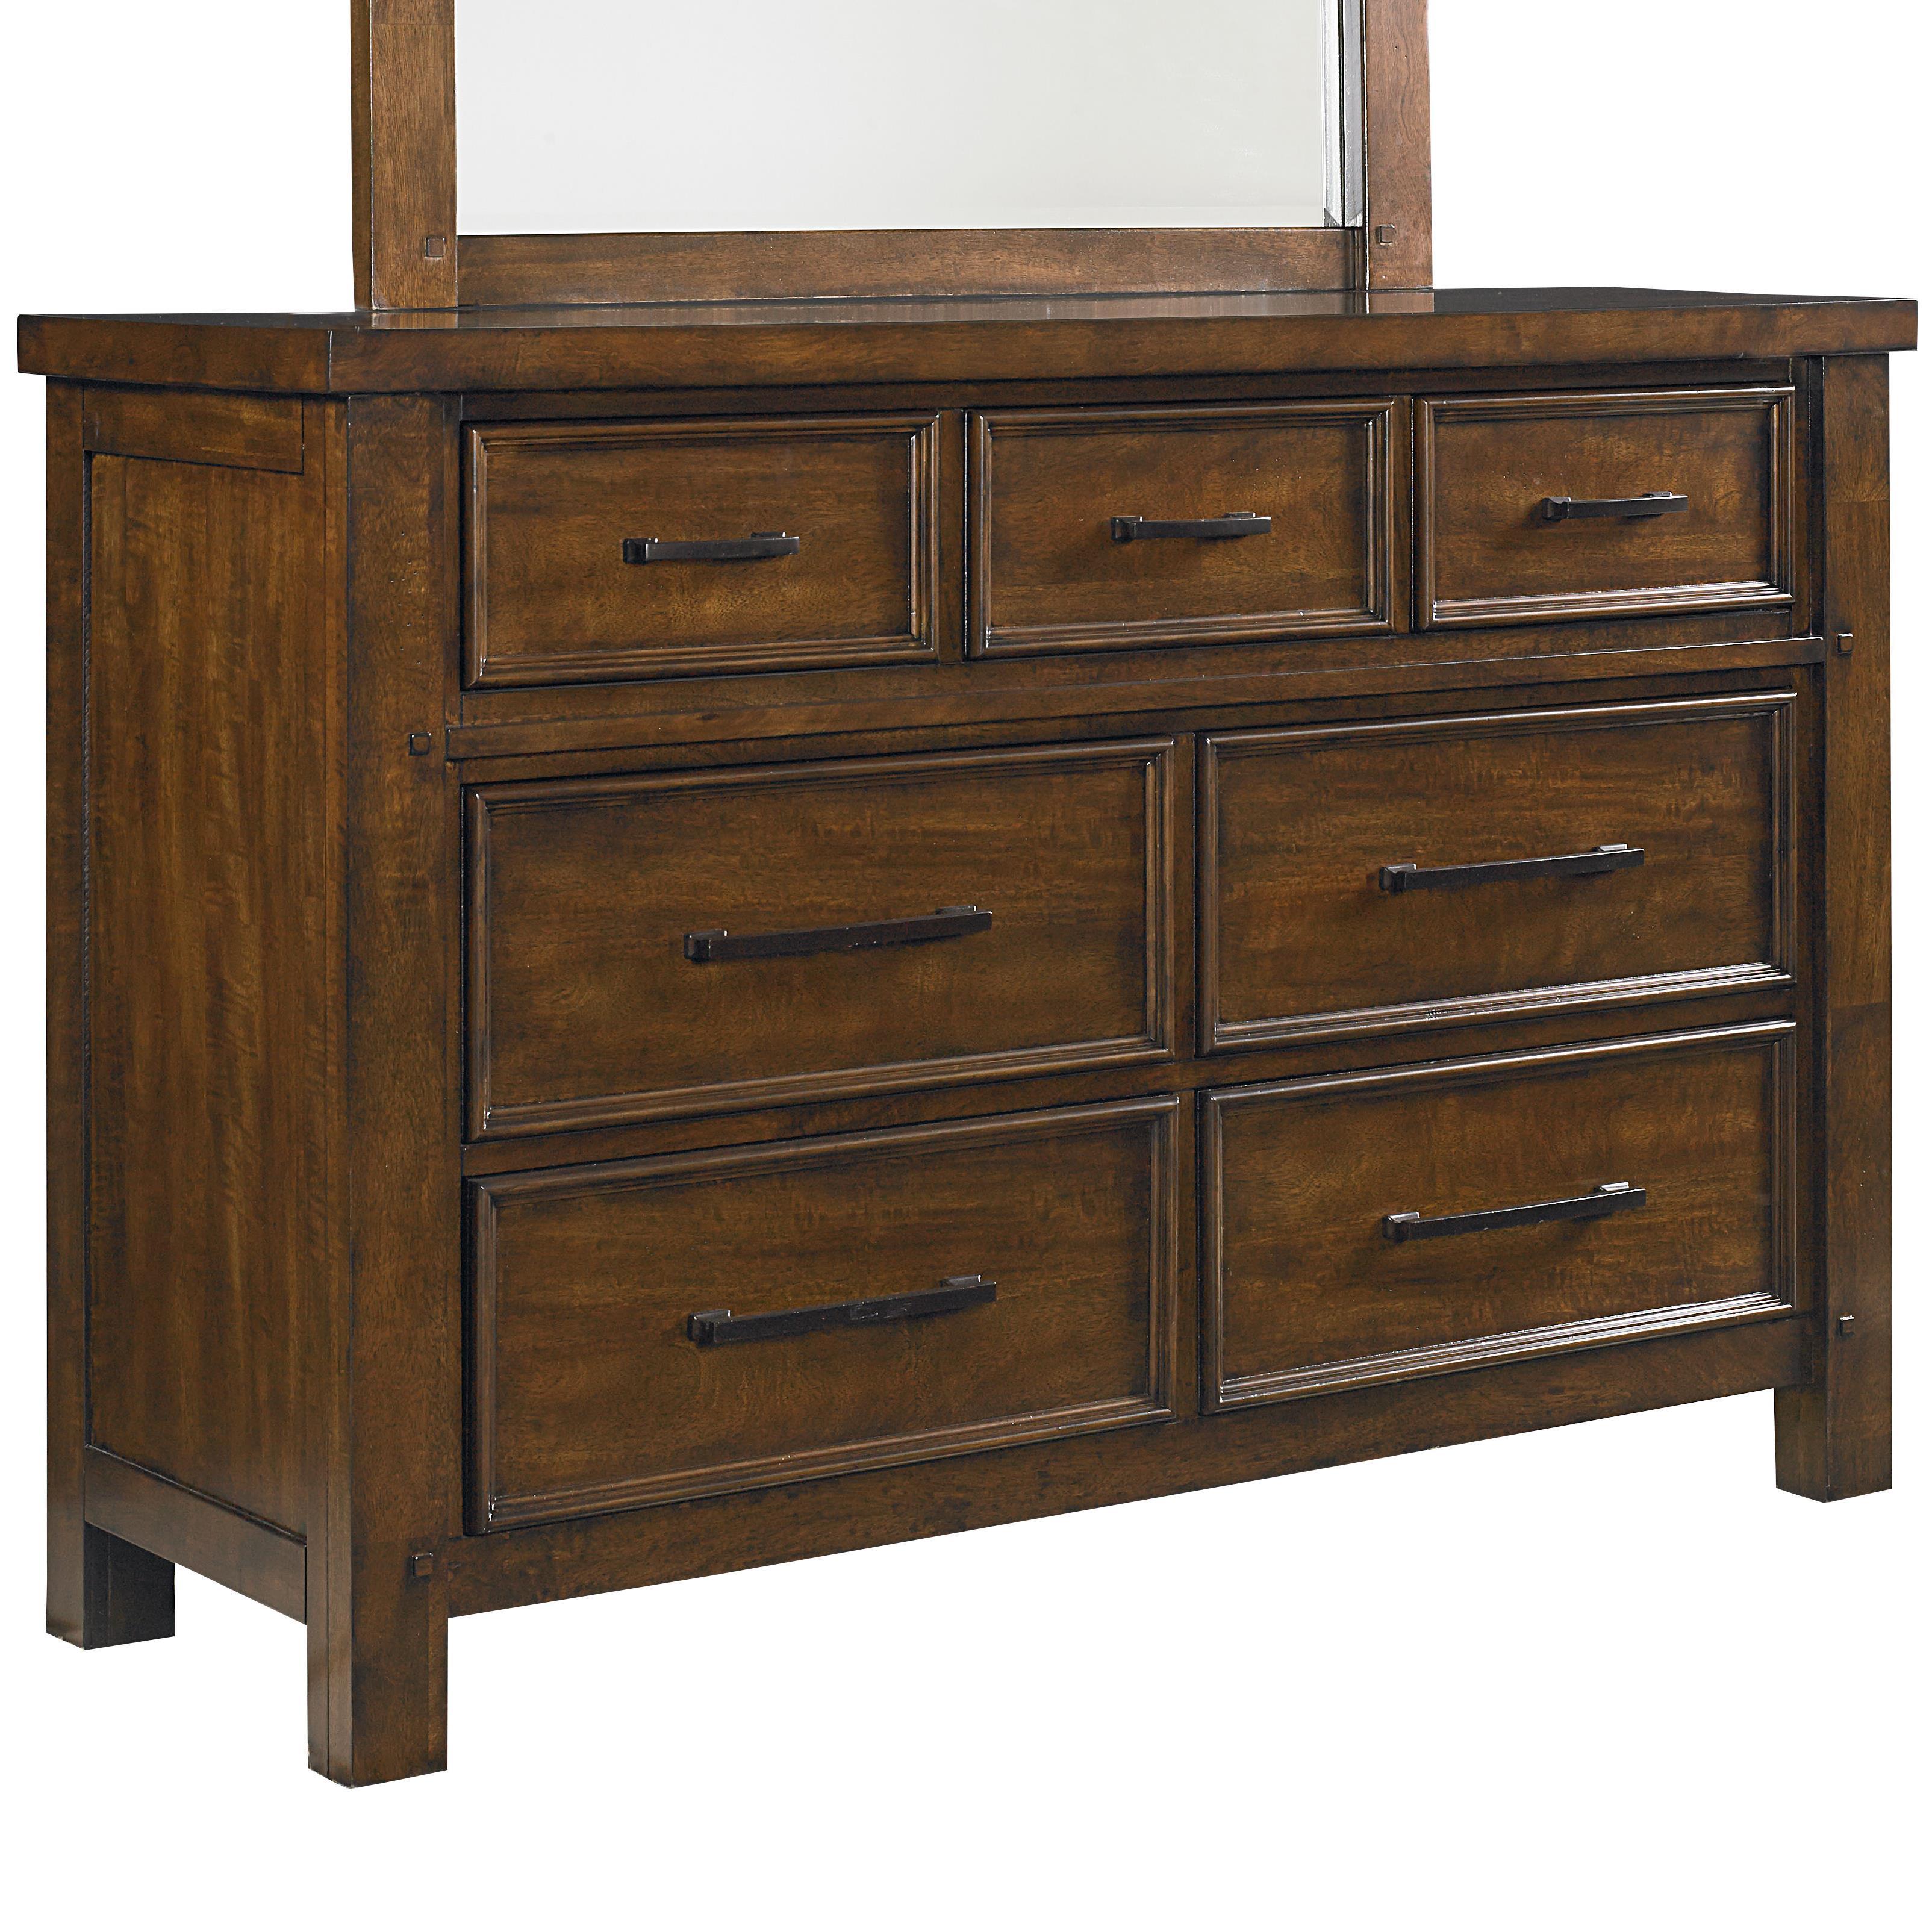 Standard Furniture Cameron Youth Dresser - Item Number: 94059